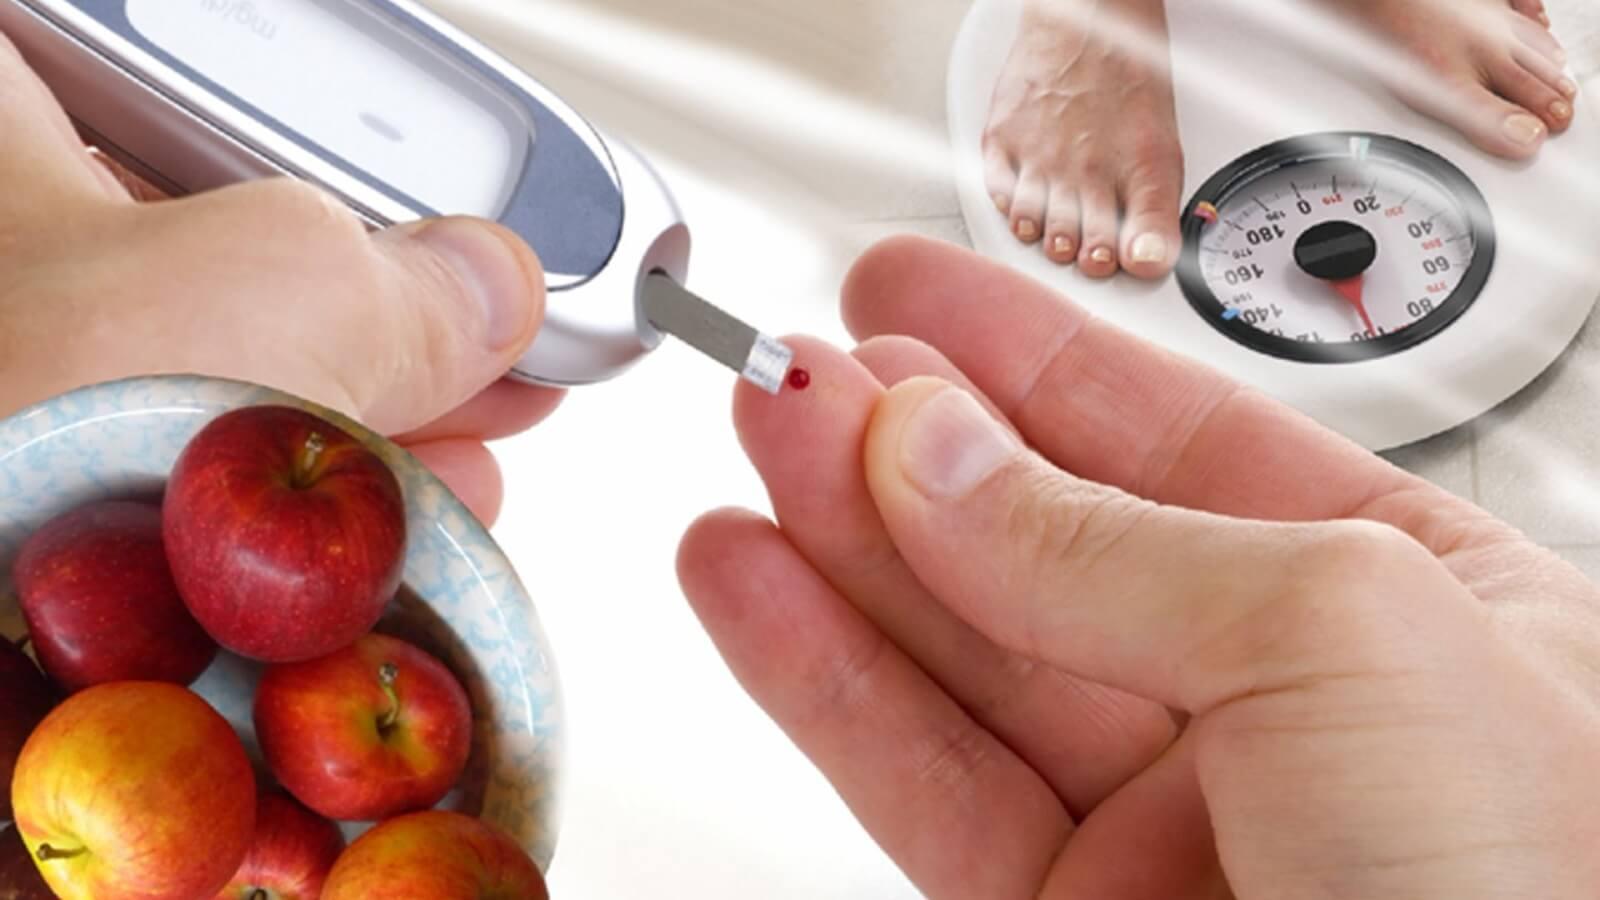 Дают ли группу при сахарном диабете и как патология влияет на качество жизни больного